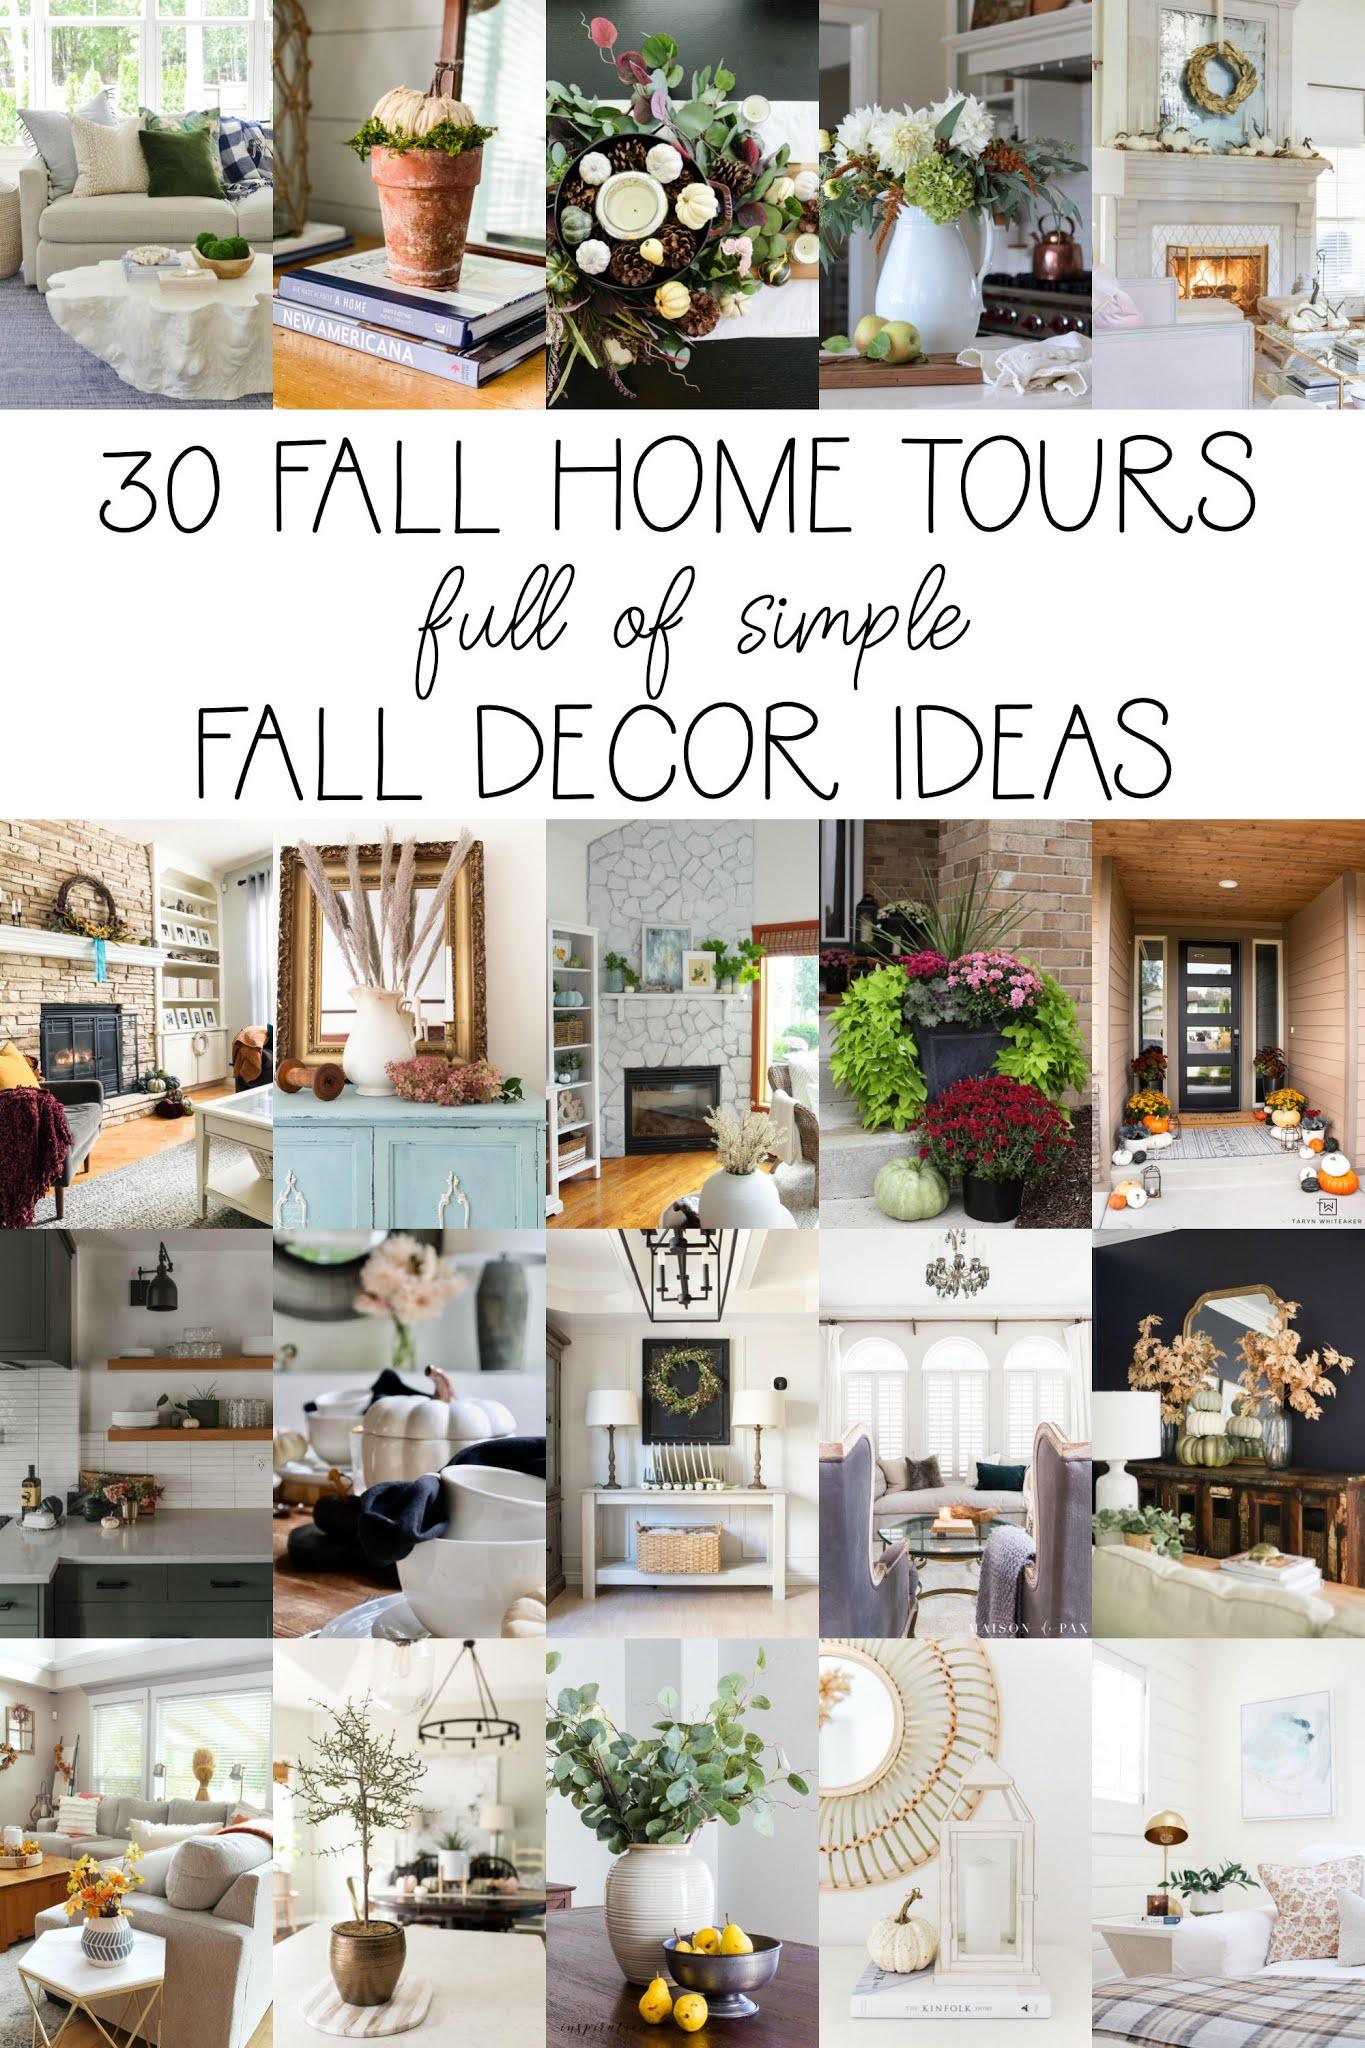 cozy home decor, fall home decor, fall decorating ideas